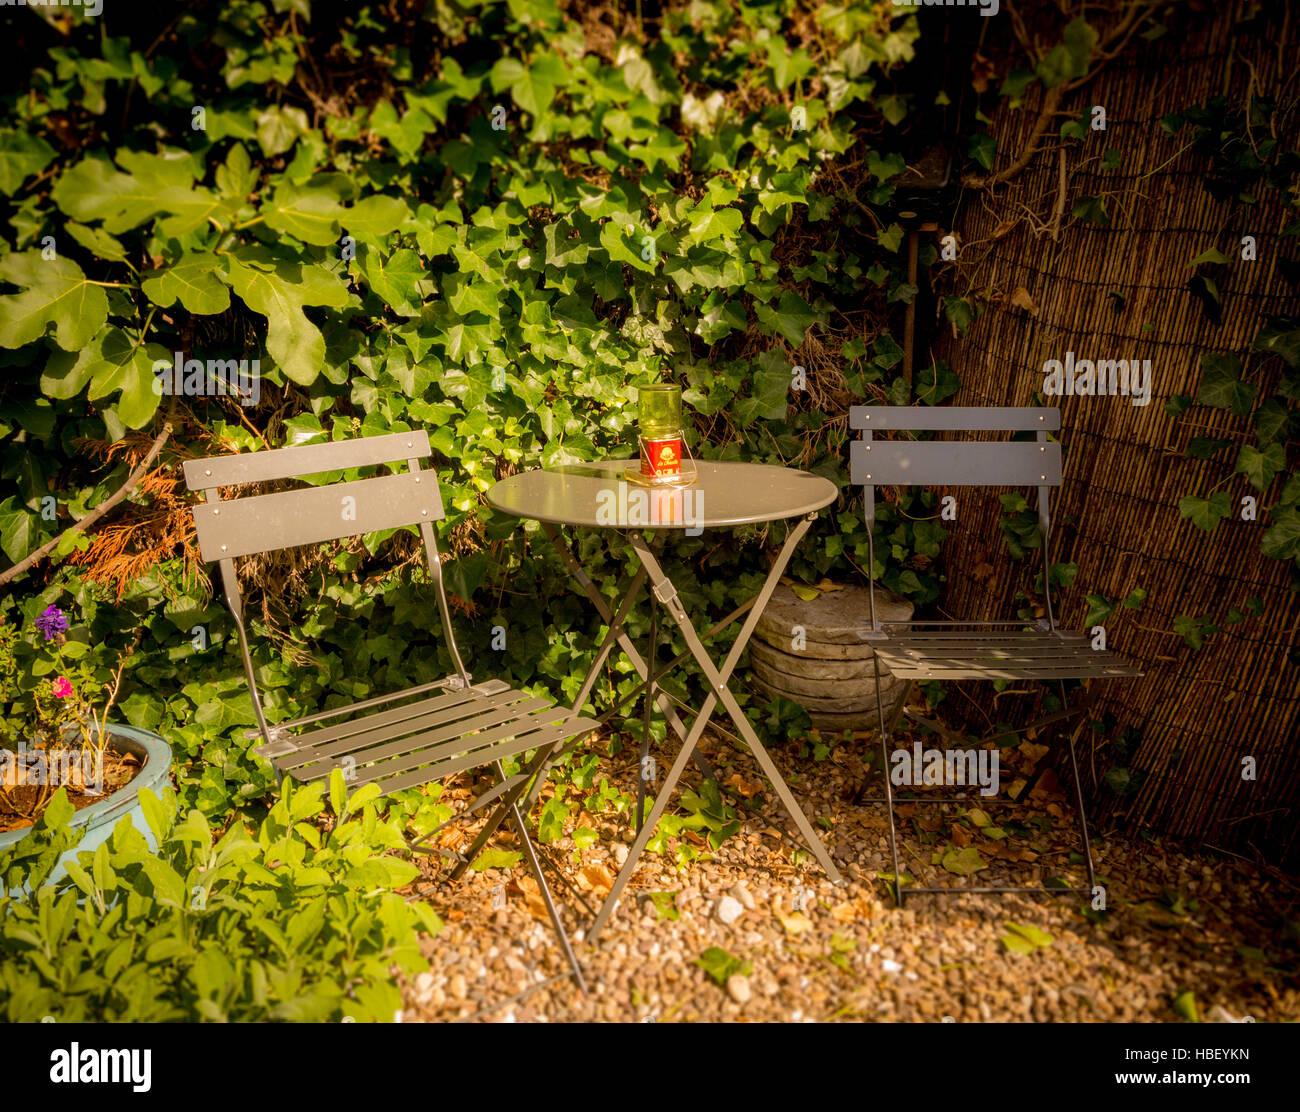 Sitzecke Im Uk Garten Mit Tisch Und Zwei Stuhle Bistro Stockfoto